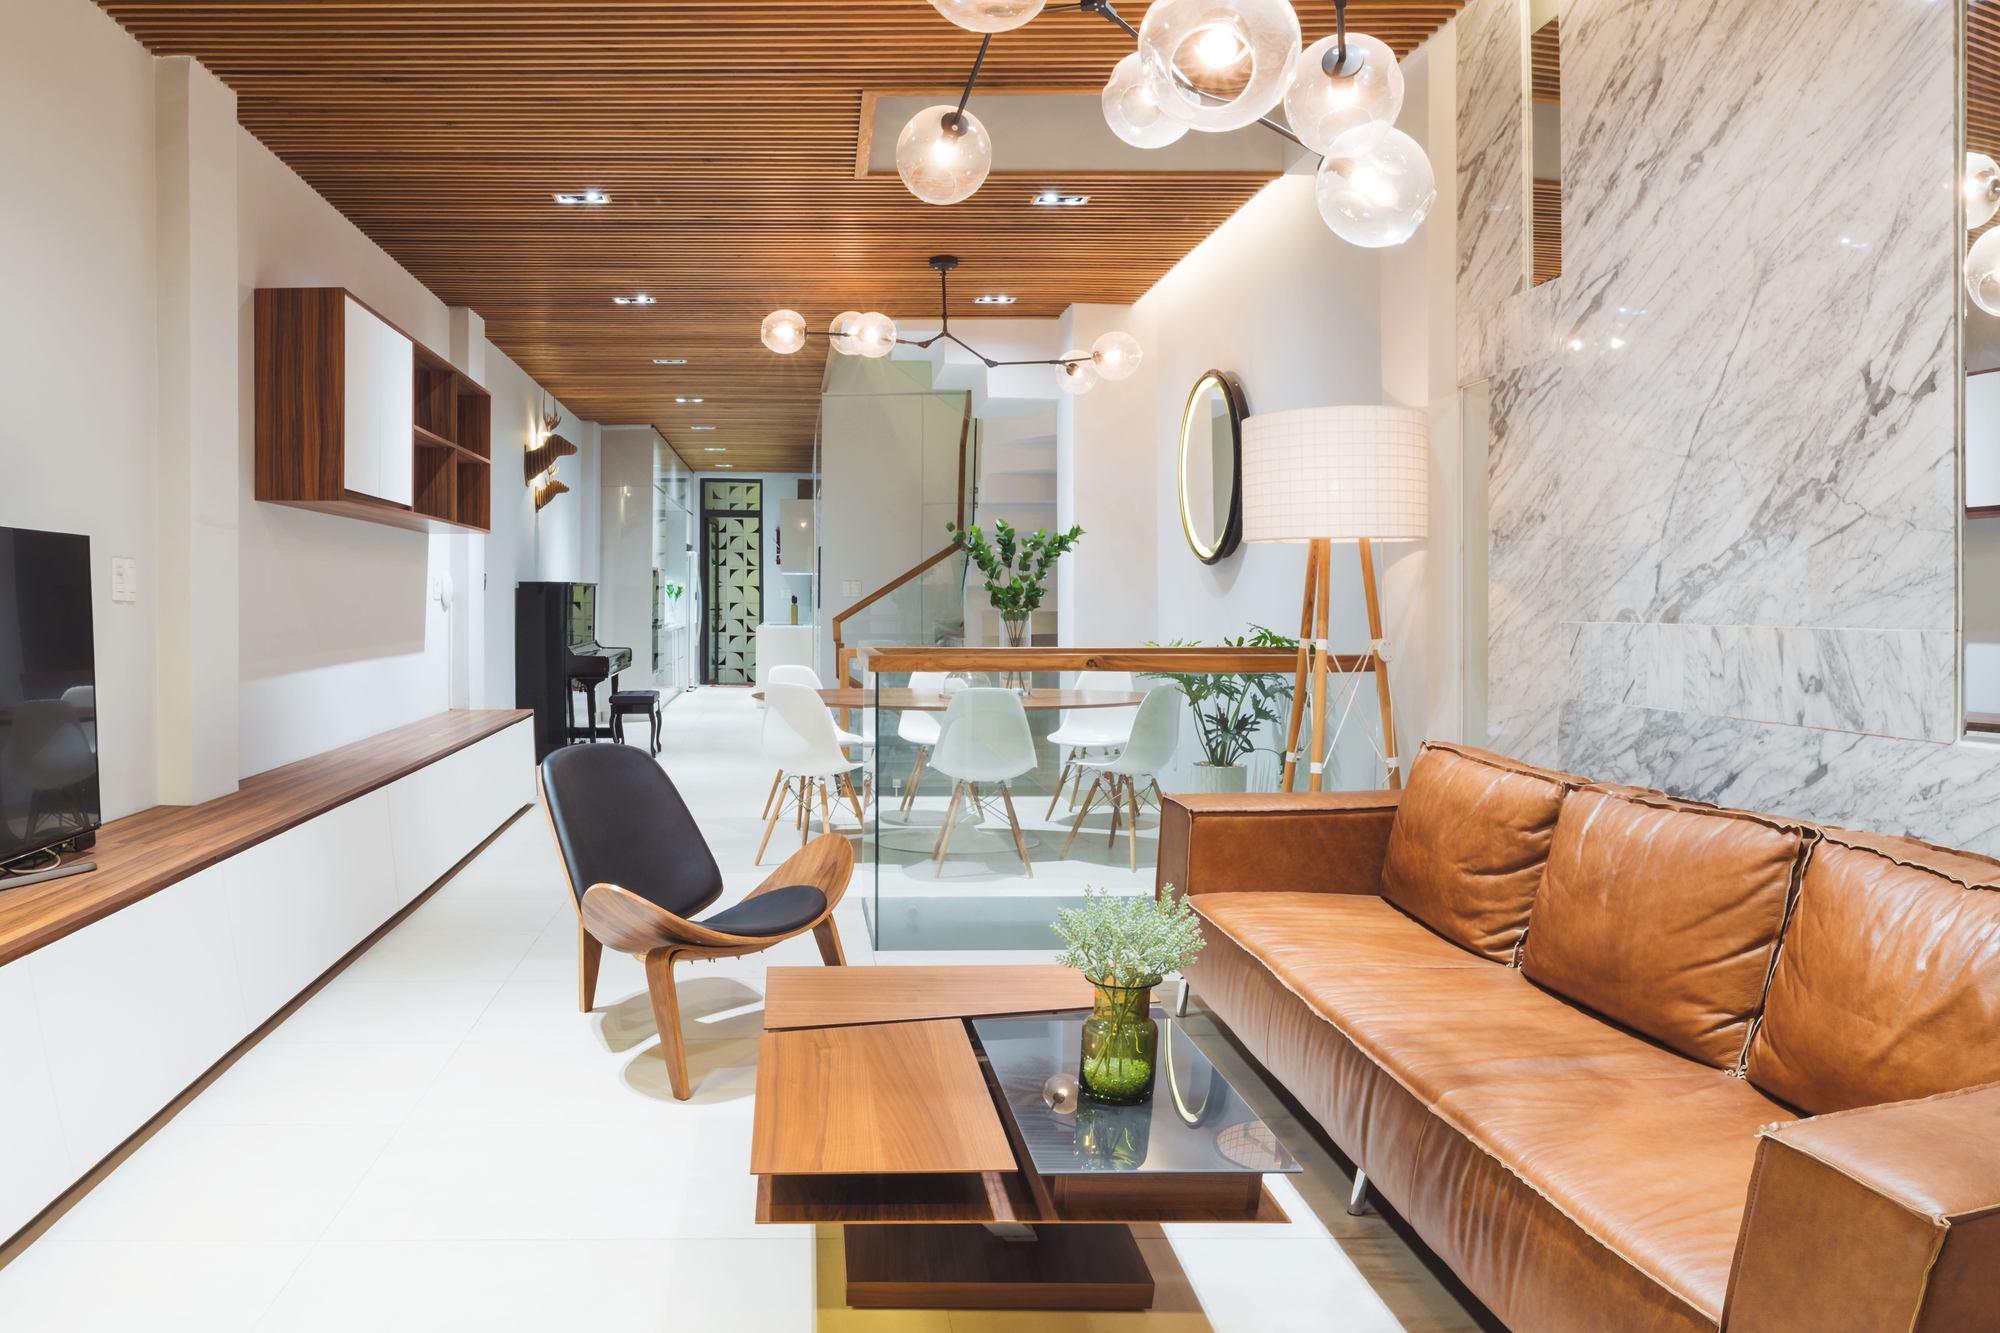 mẫu phòng khách tối giản đẹp hiện đại